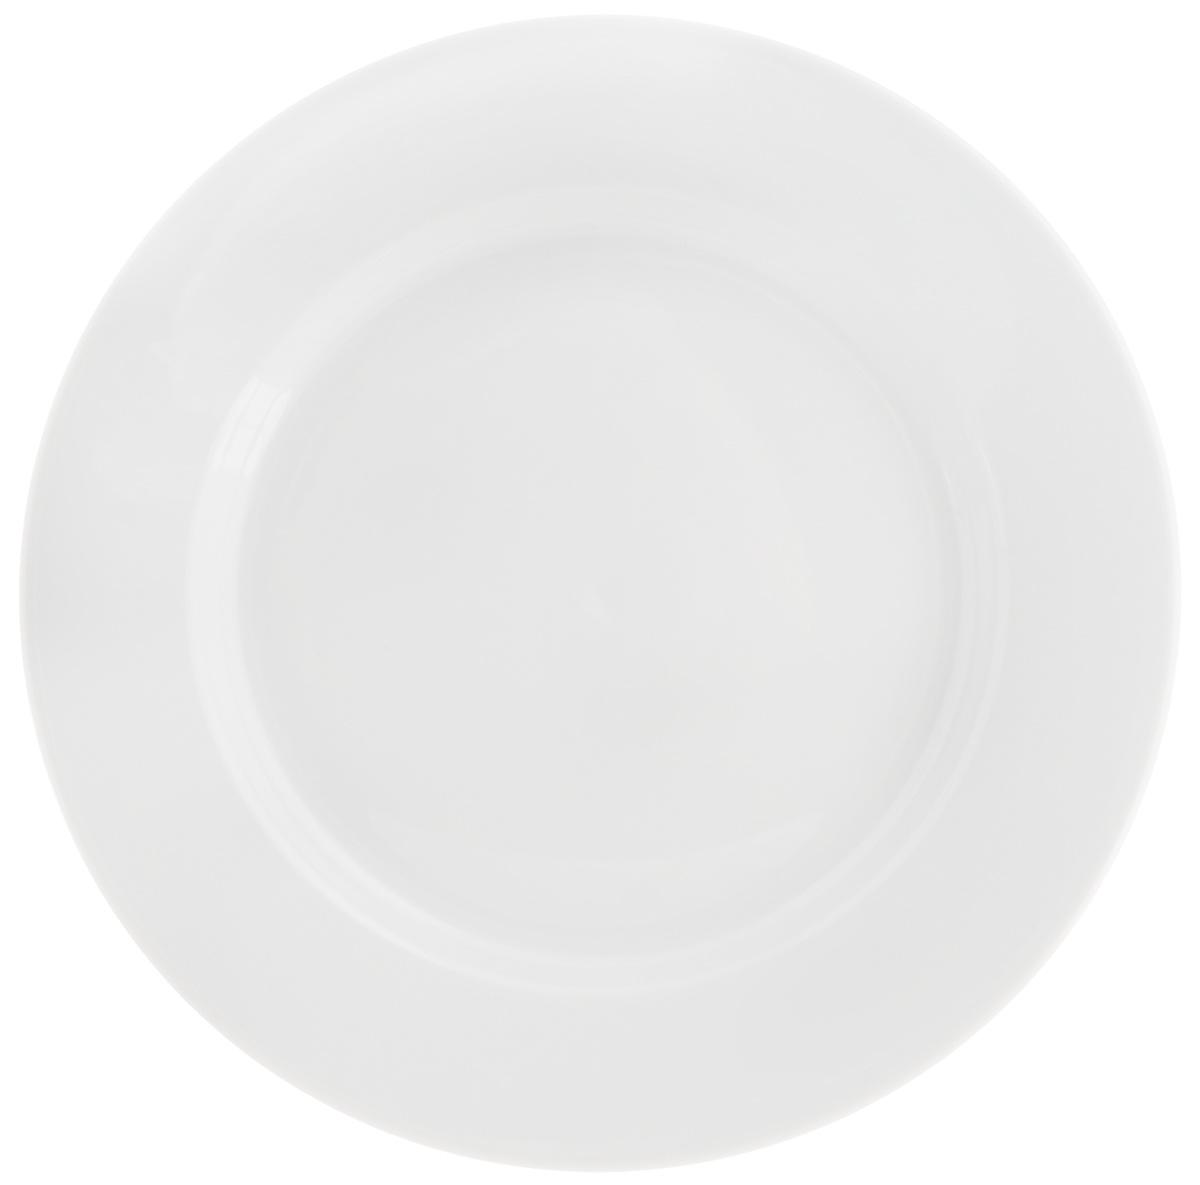 Тарелка десертная Фарфор Вербилок, диаметр 20 см115510Десертная тарелка Фарфор Вербилок, изготовленная из фарфора. Такая тарелка прекрасно подходит как для торжественных случаев, так и для повседневного использования. Идеальна для подачи десертов, пирожных, тортов и многого другого. Она прекрасно оформит стол и станет отличным дополнением к вашей коллекции кухонной посуды. Диаметр тарелки (по верхнему краю): 20 см.